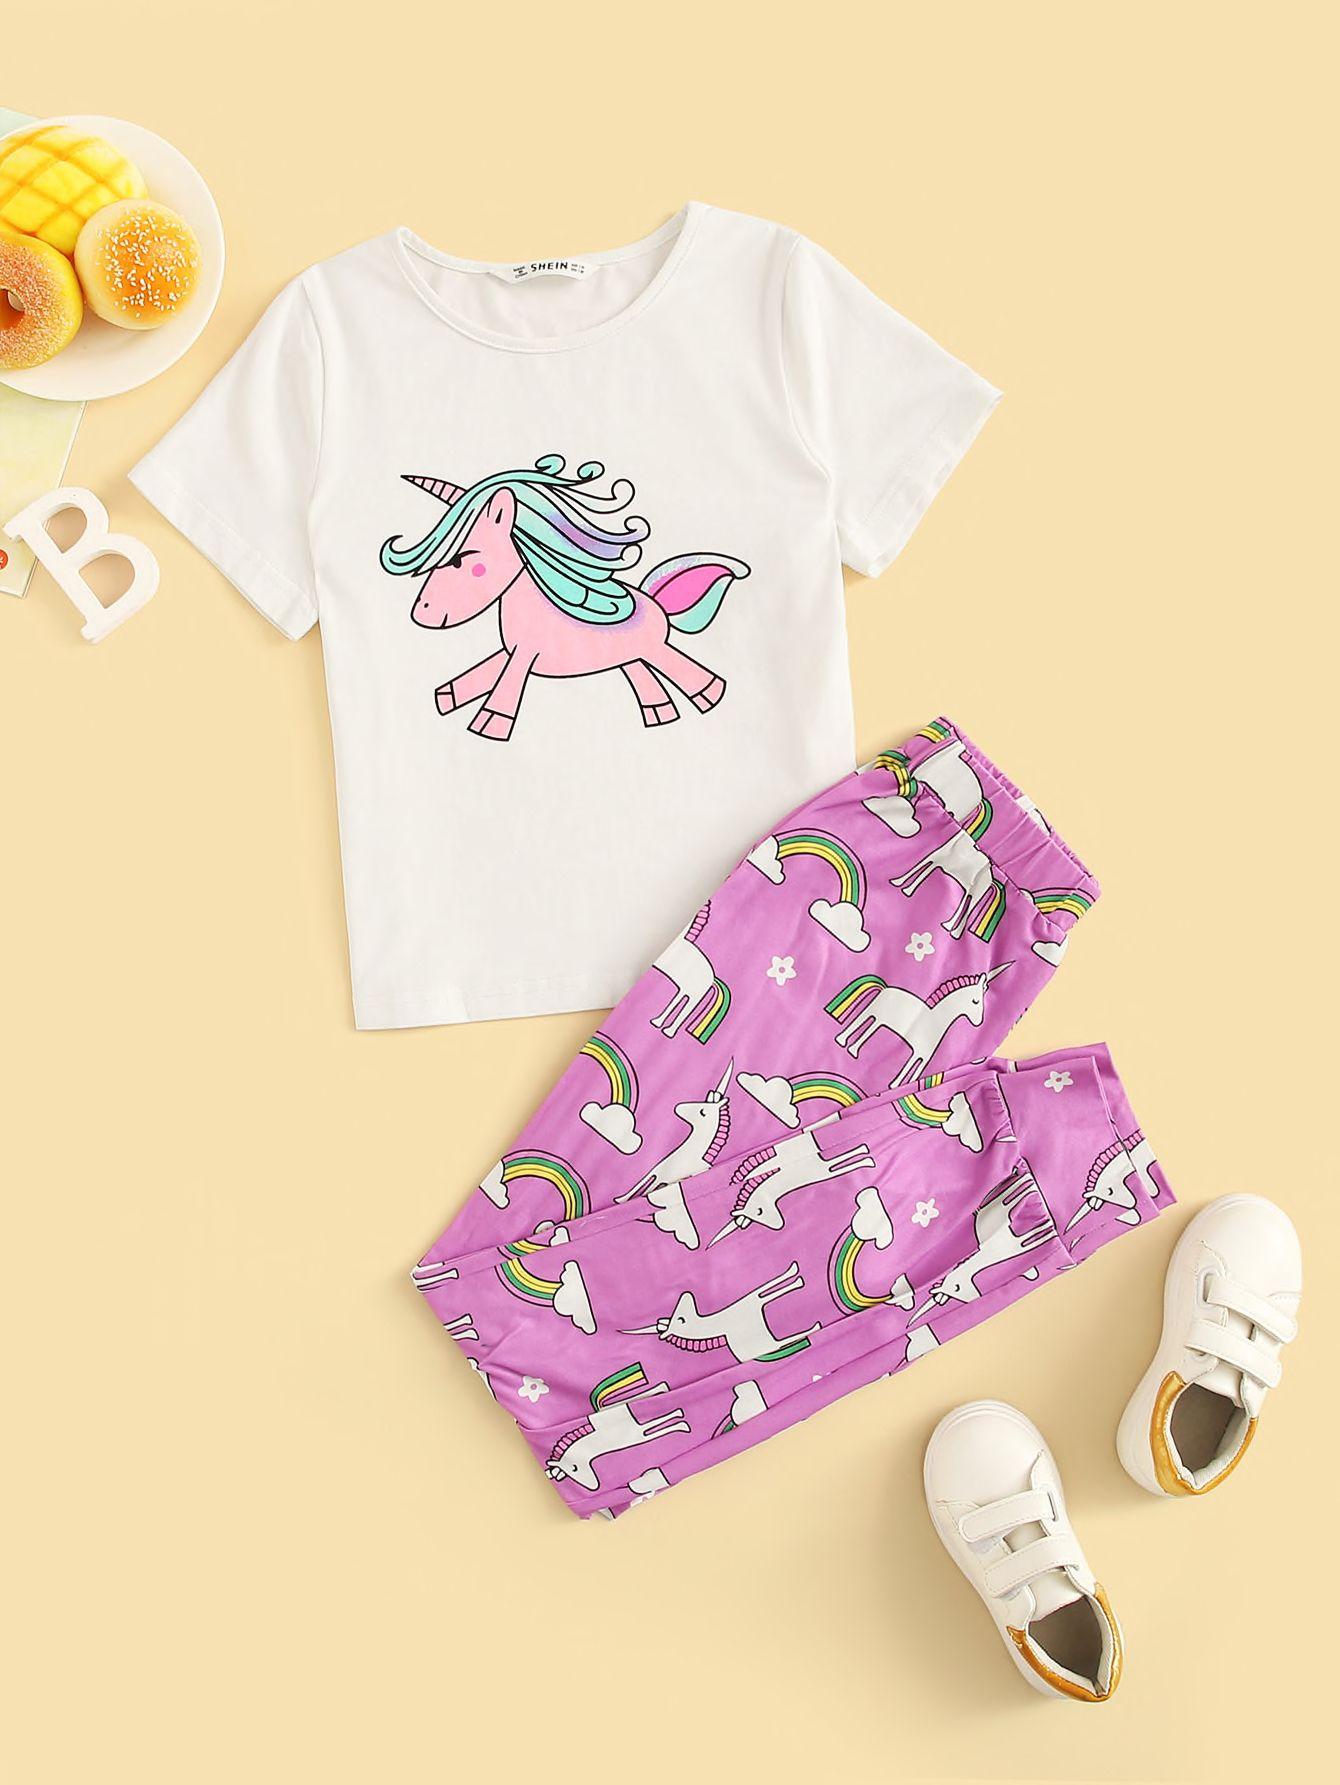 طقم تي شيرت بطباعة وحيد القرن مع سروال بناتي قد اشتريت منتج رائع من موقع شي إن أرغب في أن أوصيكم بشرائه حلوه وع Girls Clothing Sets Printed Tees Outfit Sets